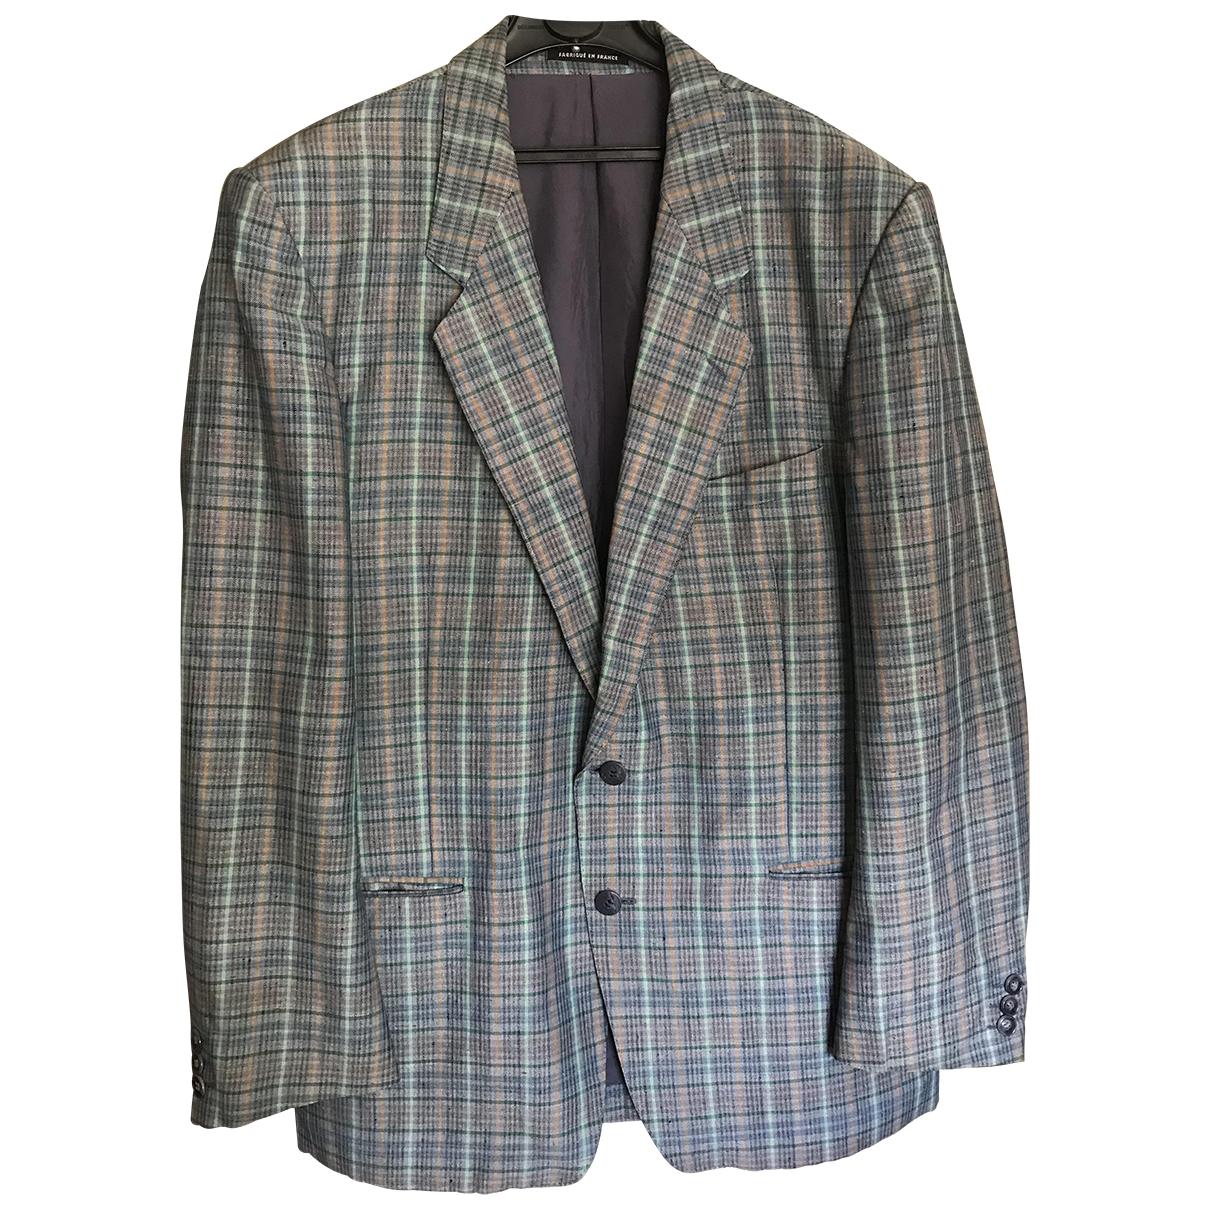 Yves Saint Laurent - Vestes.Blousons   pour homme en laine - multicolore